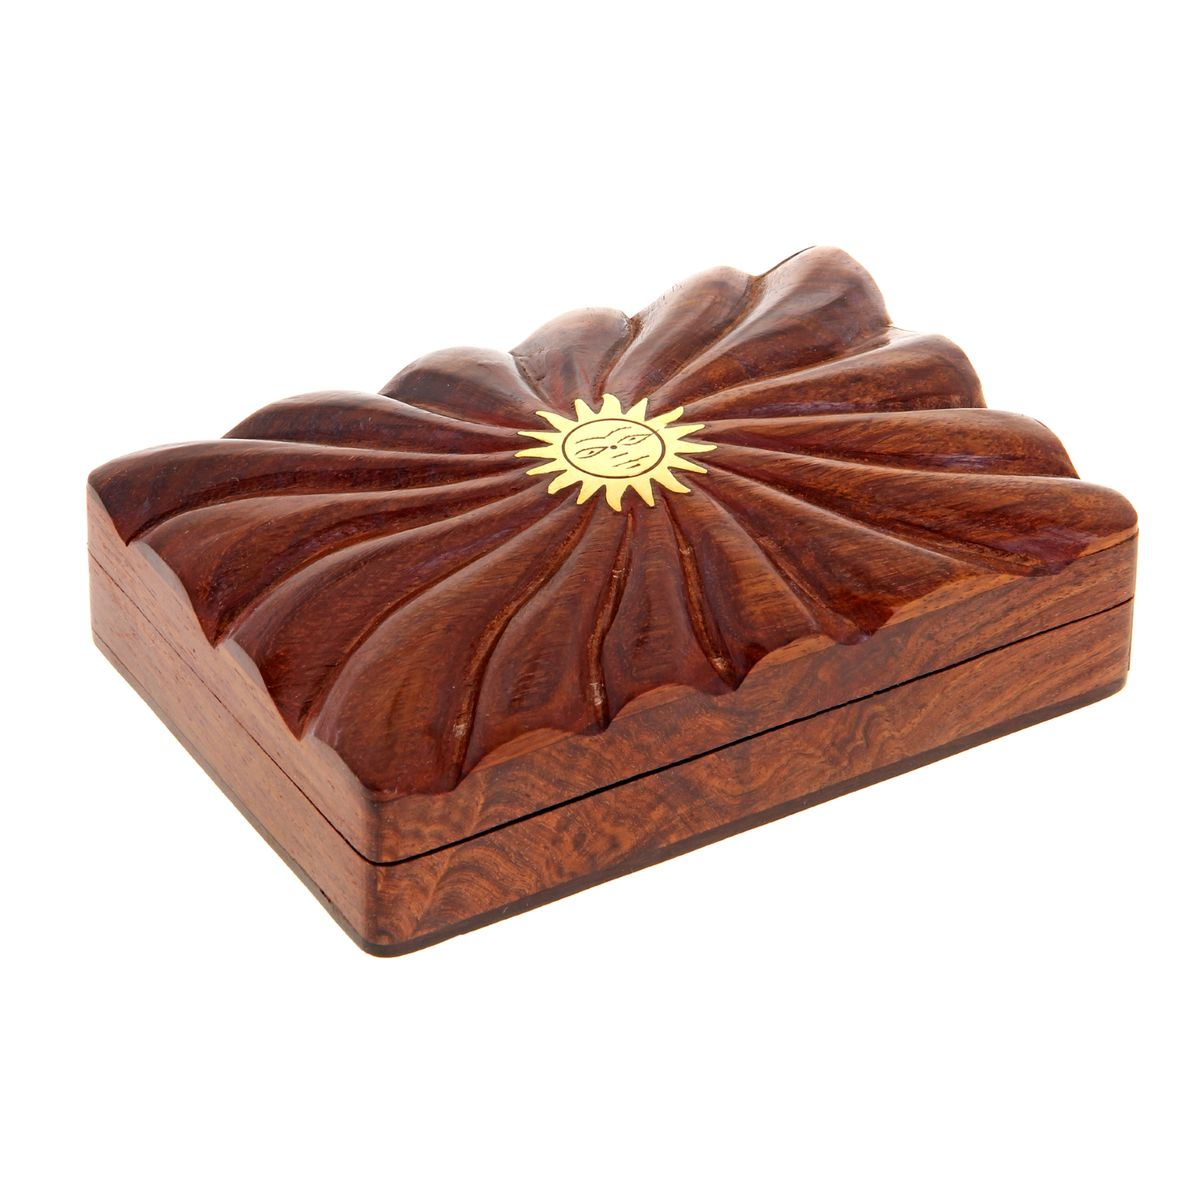 Шкатулка Sima-land Солнце, 13,5 см х 9,5 см х 4 смNLED-420-1.5W-RШкатулка Sima-land Солнце изготовлена из дерева и имеет одно отделение. Затейливый узор, украшающий ее, вырезан вручную, что, без сомнения, придает шкатулке особую ценность. Изделие декорировано изображением солнца, выполненным из латуни. Такая шкатулка - не простой сувенир. Ее функция не только декоративная, но и практическая - служить удобным и надежным местом для хранения самых разных мелочей. Шкатулка Sima-land Солнце станет приятным подарком женщине по случаю праздника, она обязательно оценит ваш безупречный вкус.